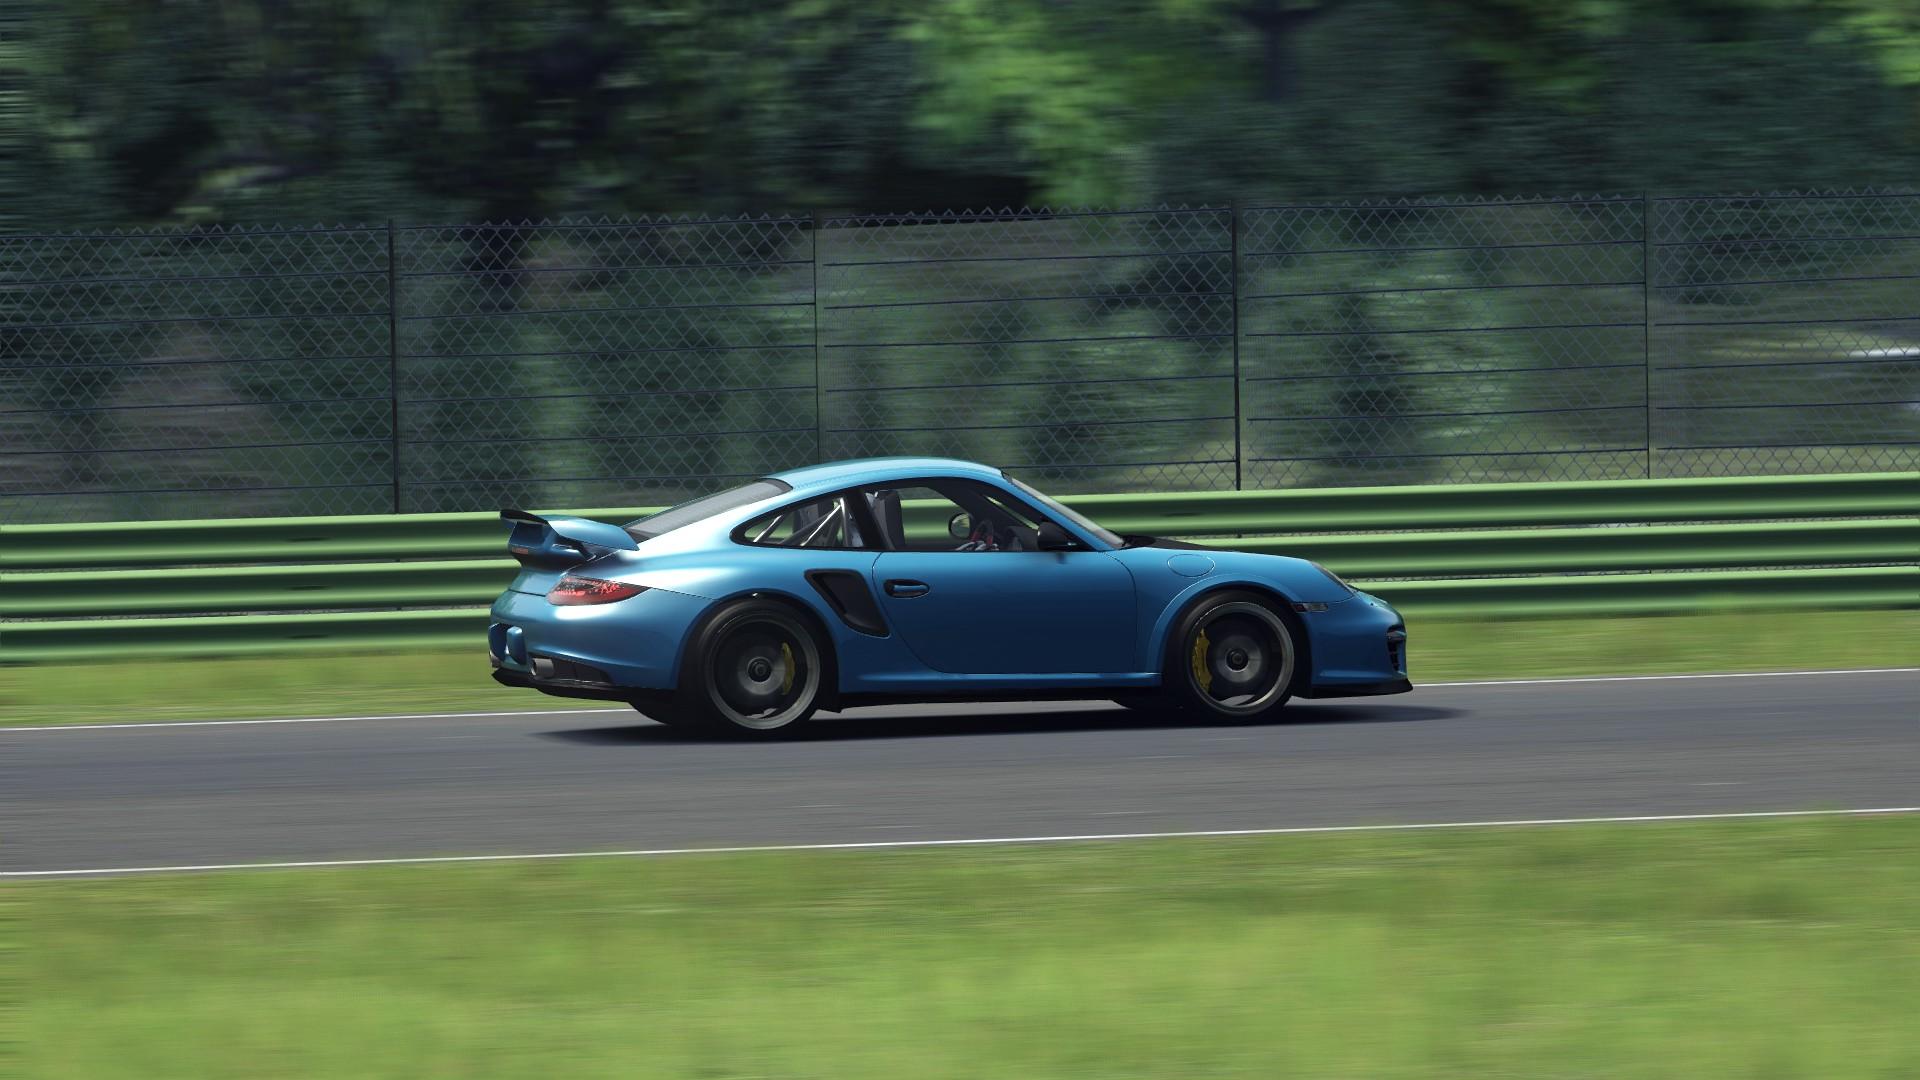 Porsche 997 GT2RS Assetto Corsa 1.14 101.jpg